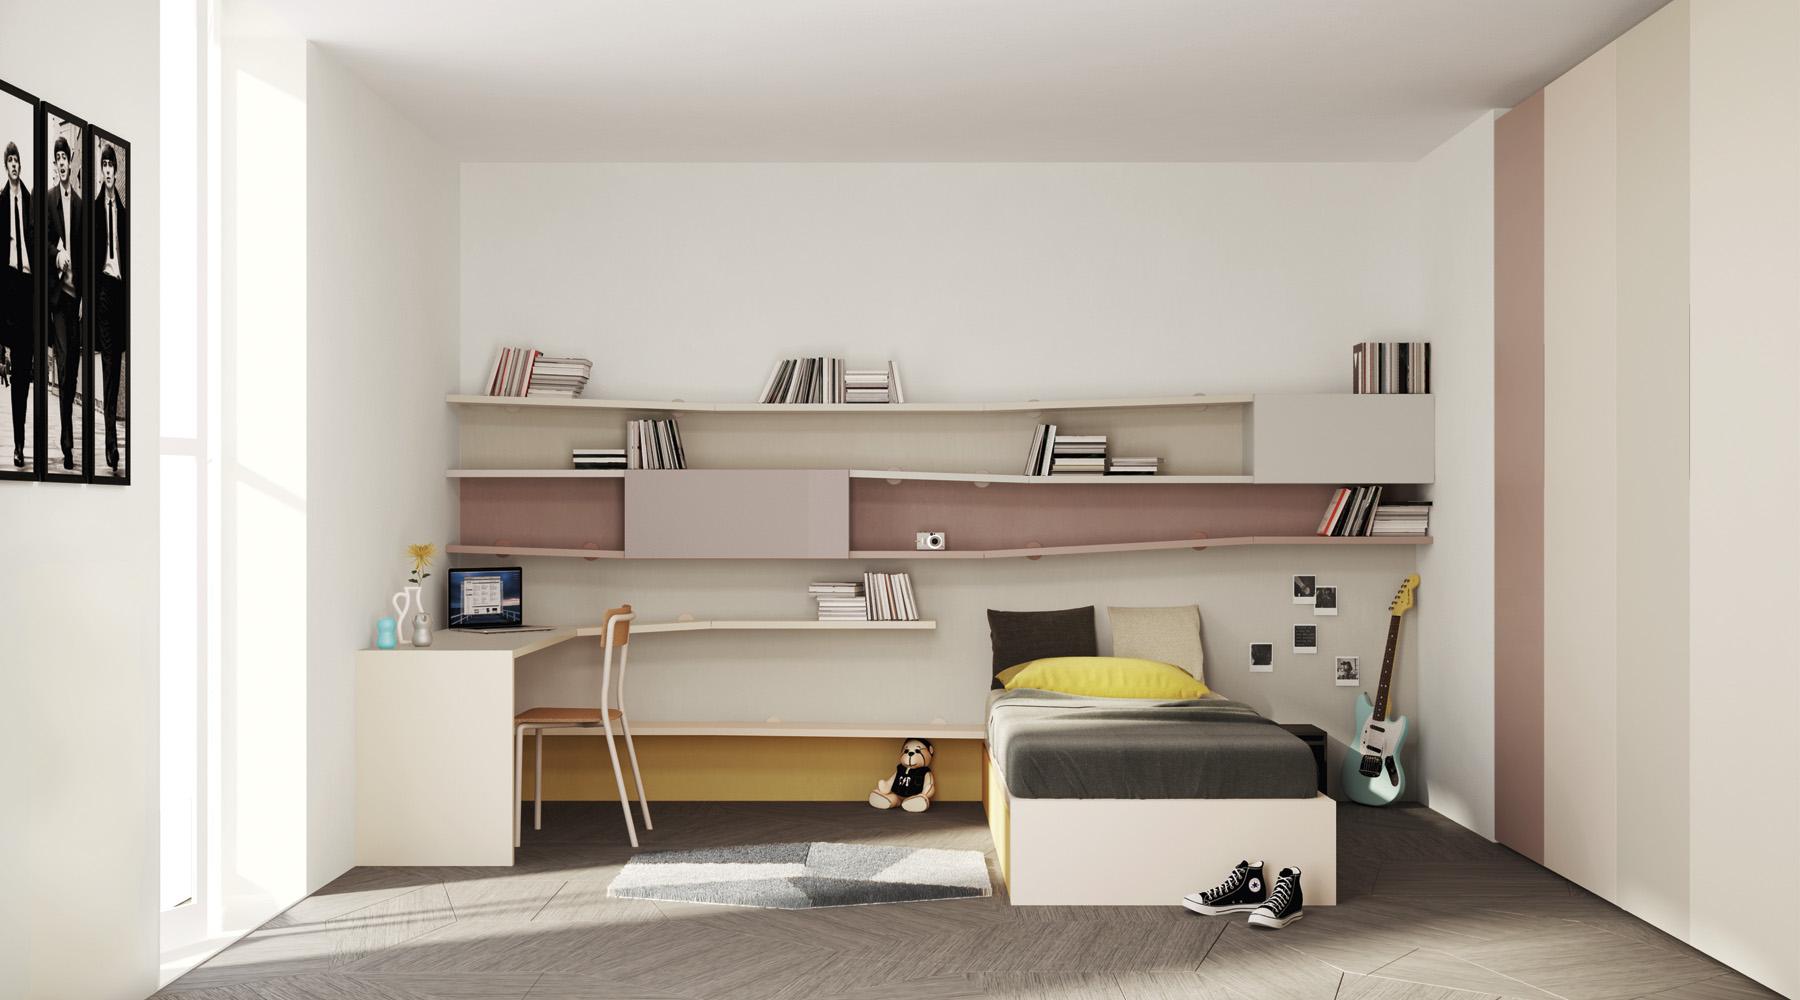 Delfanti arredamenti libreria diagolinea for Design di mobili